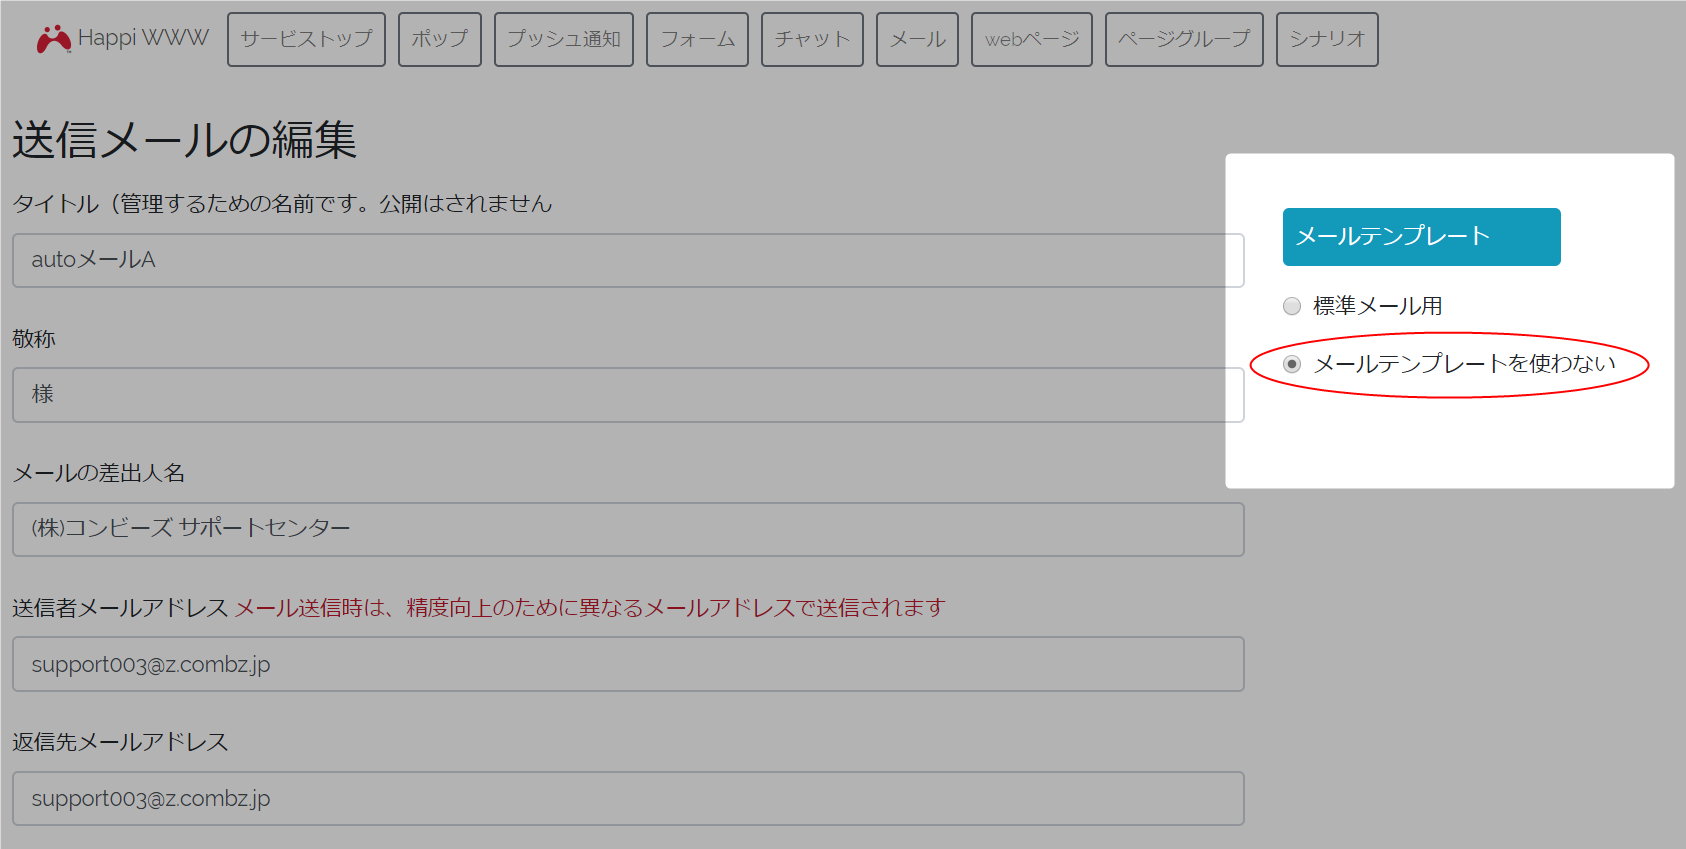 送信メールの編集画面